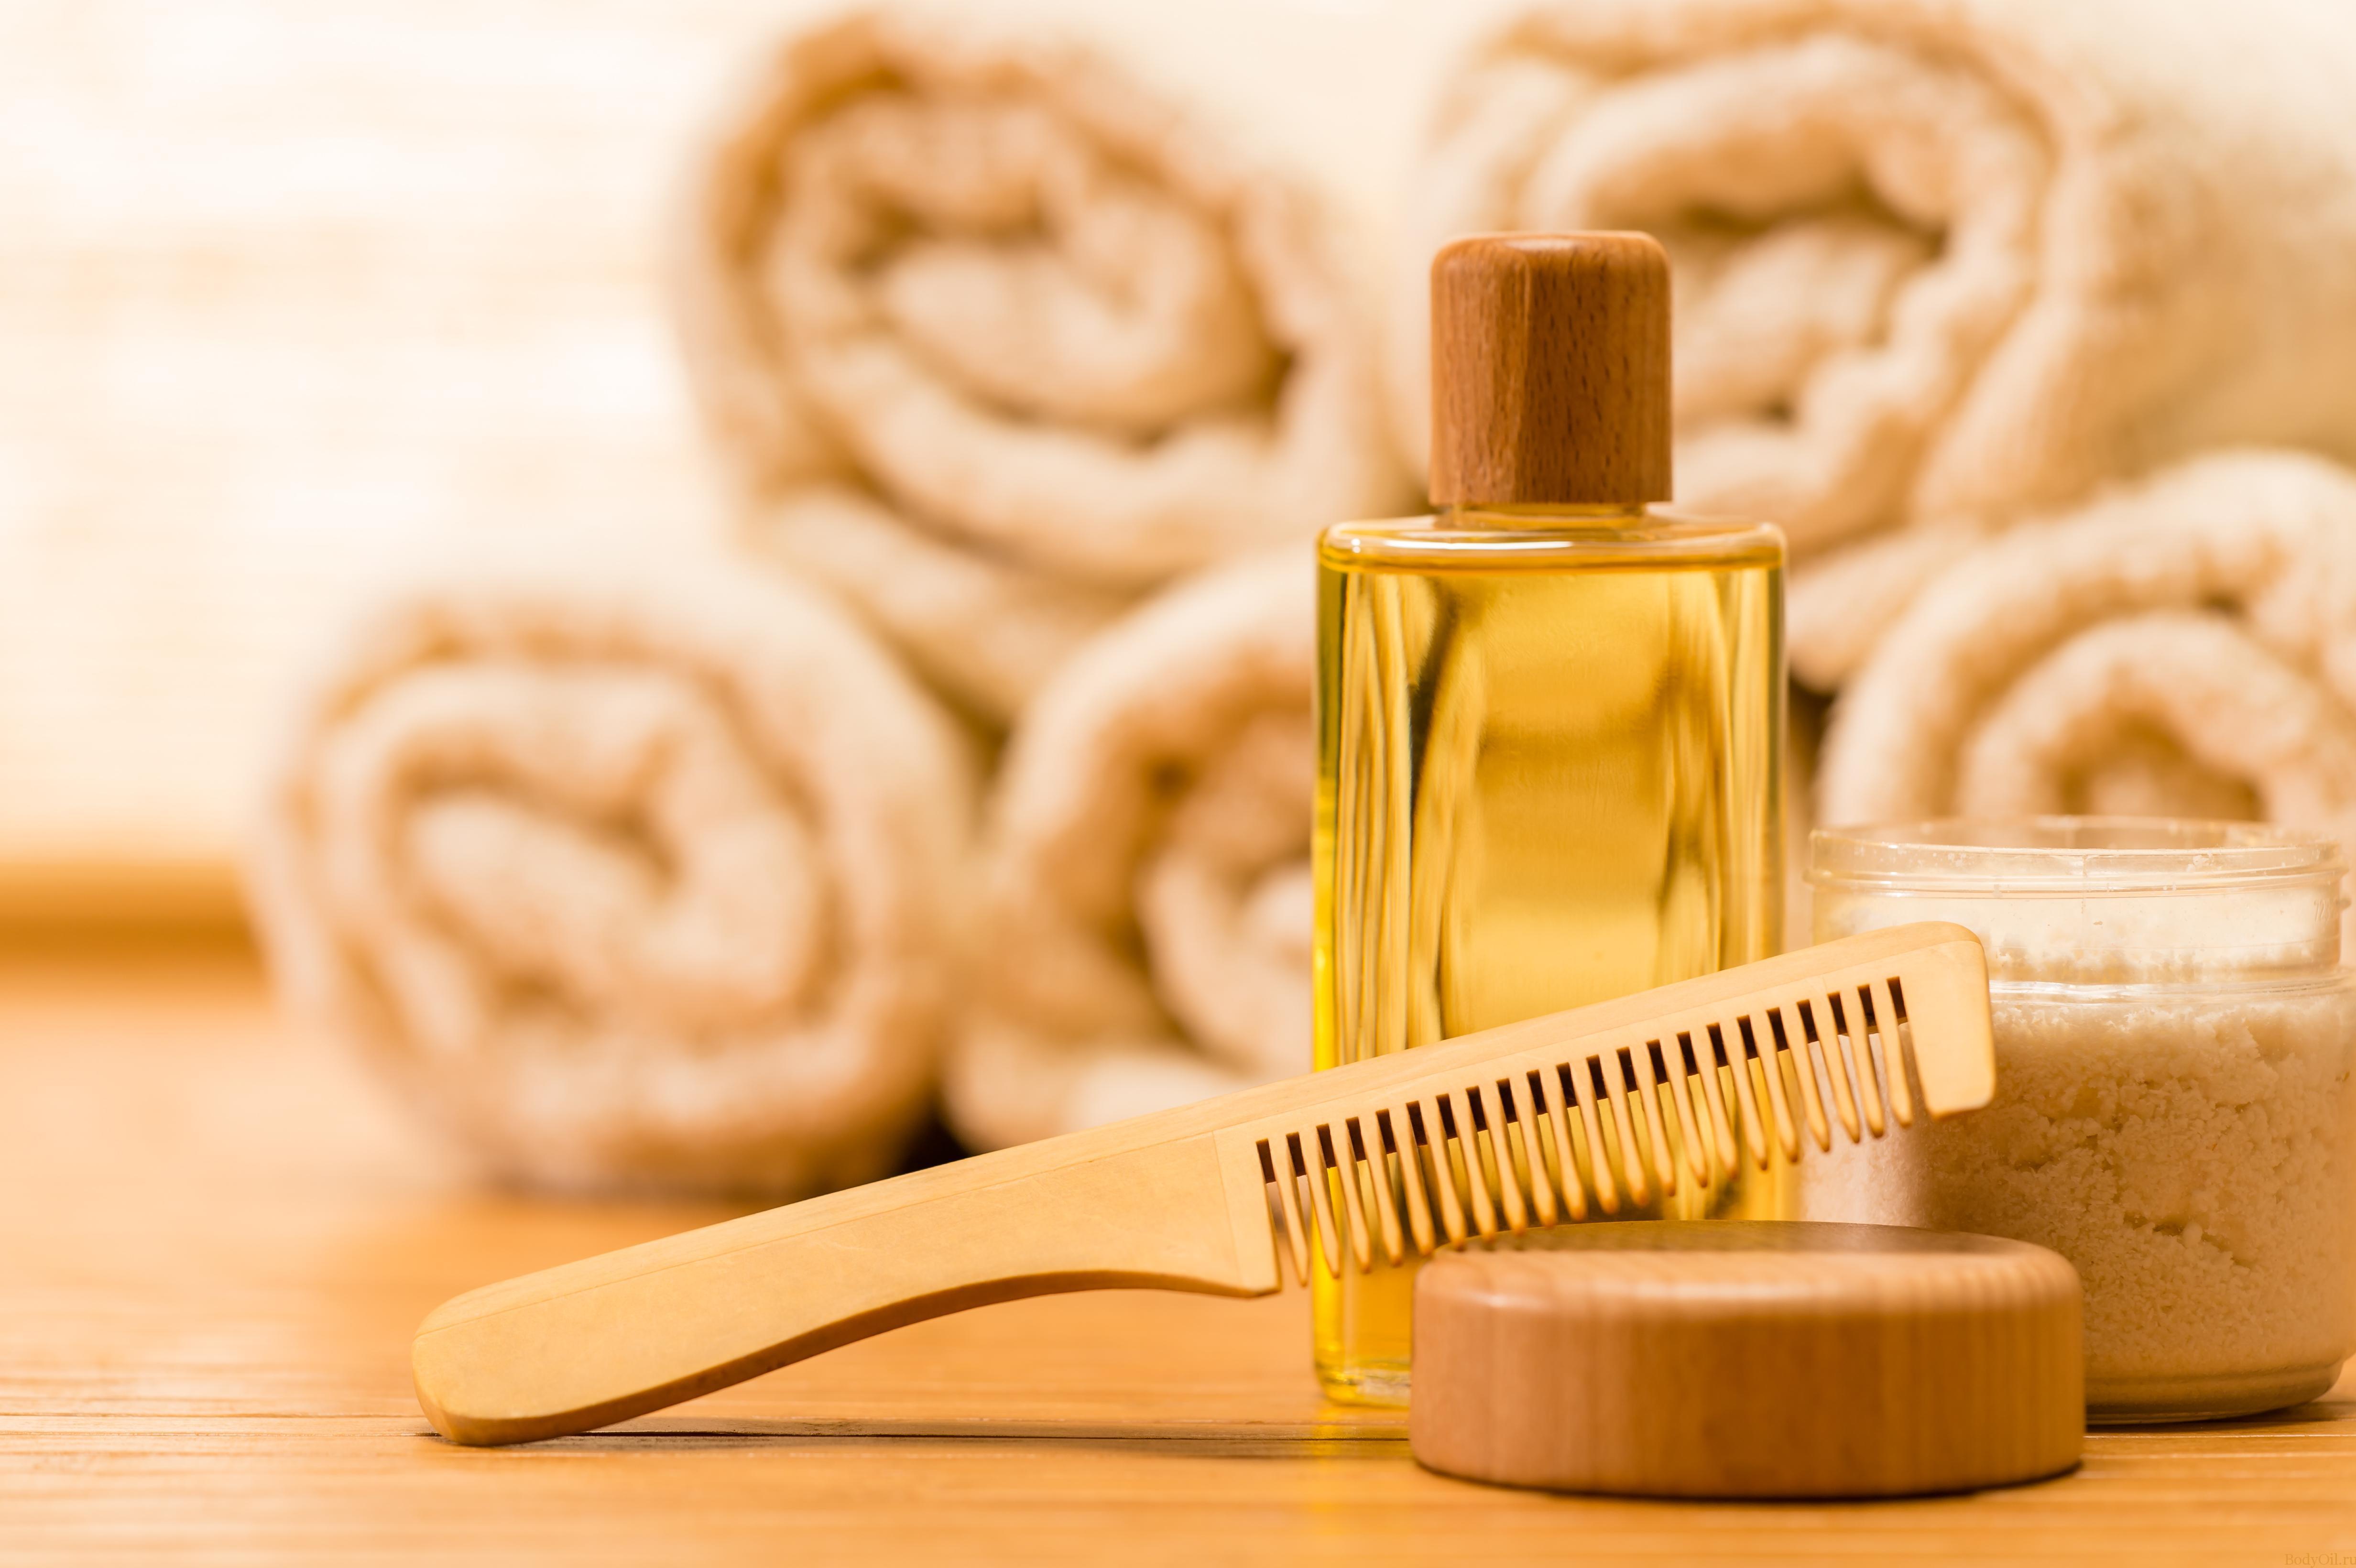 Какие масла нужны для нанесения на волосы